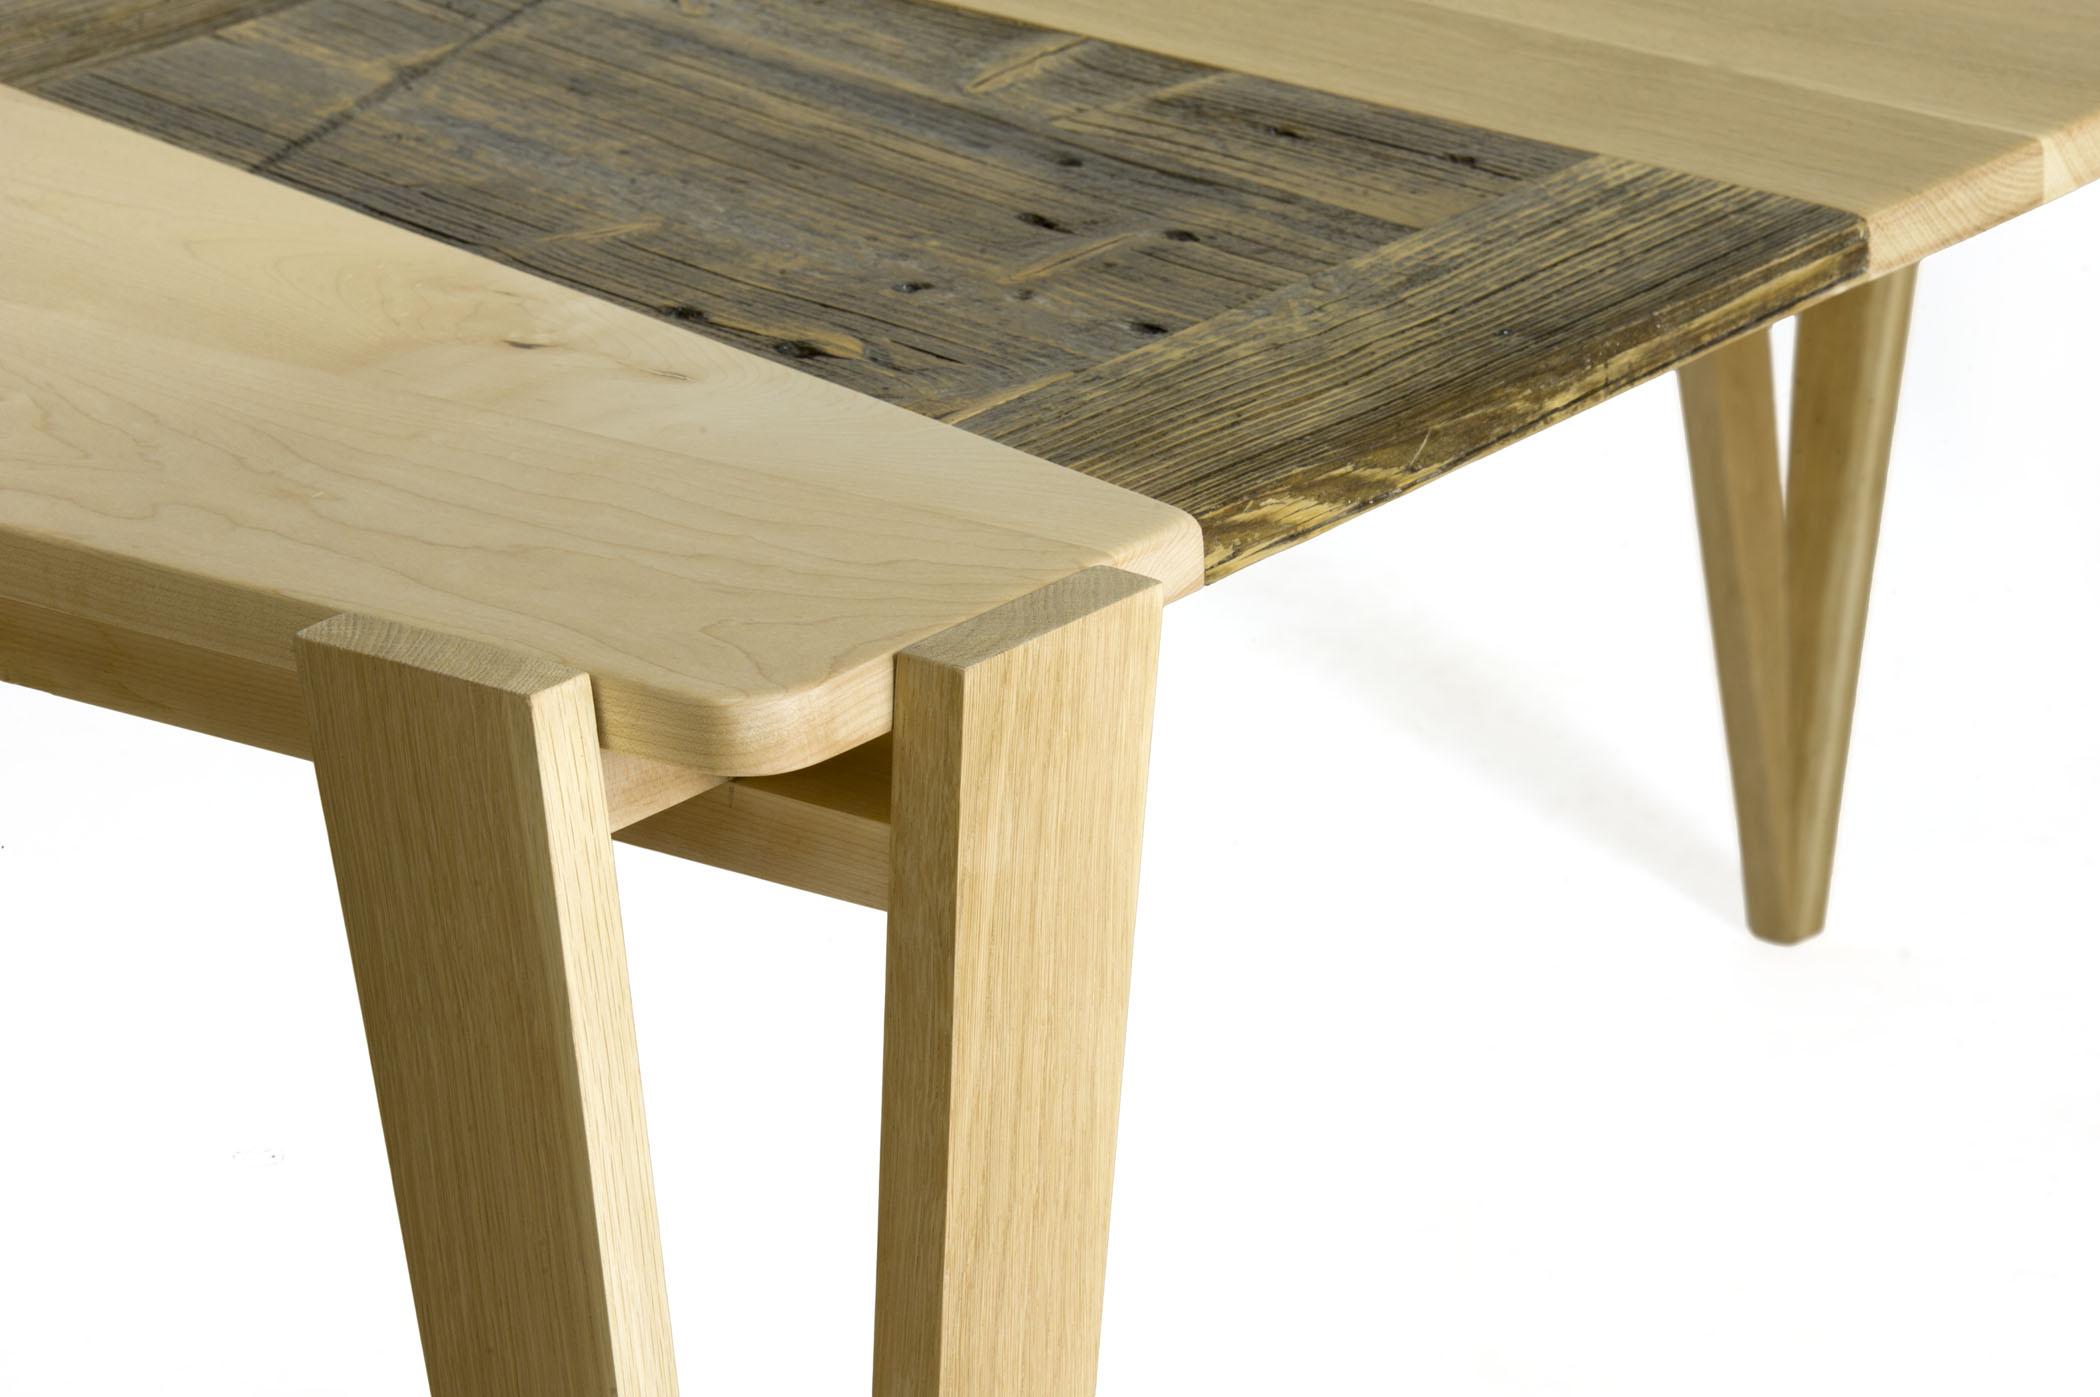 Tavolo con struttura in legno massello e piano con pezzi di legno riciclato . Modello tavolo su misura e fatto a mano da Laquercia21